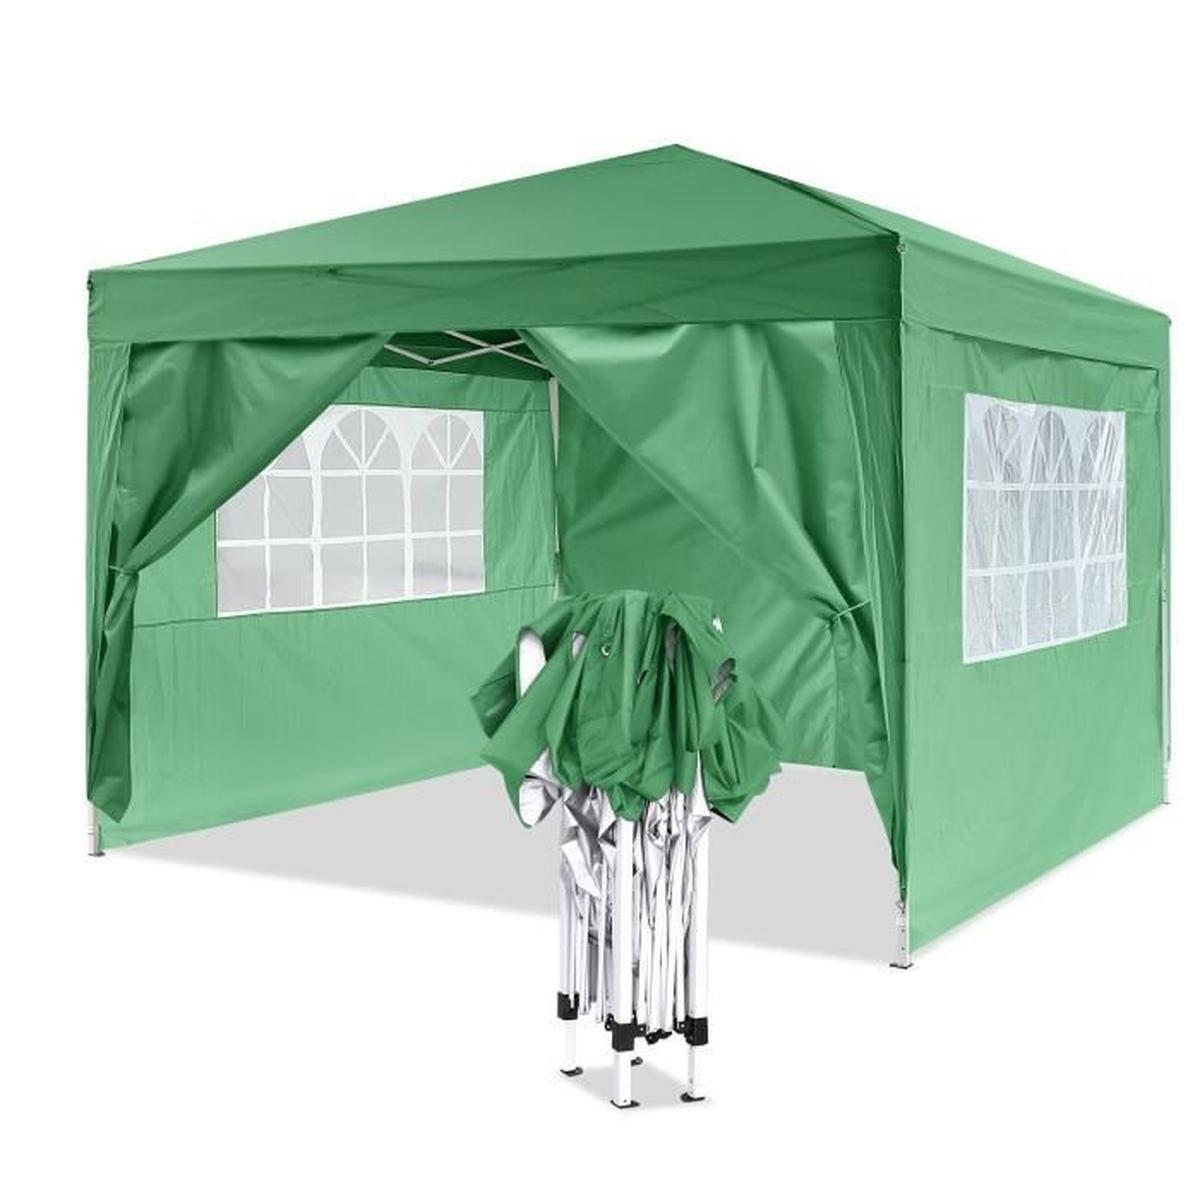 Tonnelle De Jardin - Chapiteau Pliable - 3X3 M - Vert - En D'aluminium  Toile Polyester Avec Sac De Transport intérieur Tonnelle De Jardin 3X3